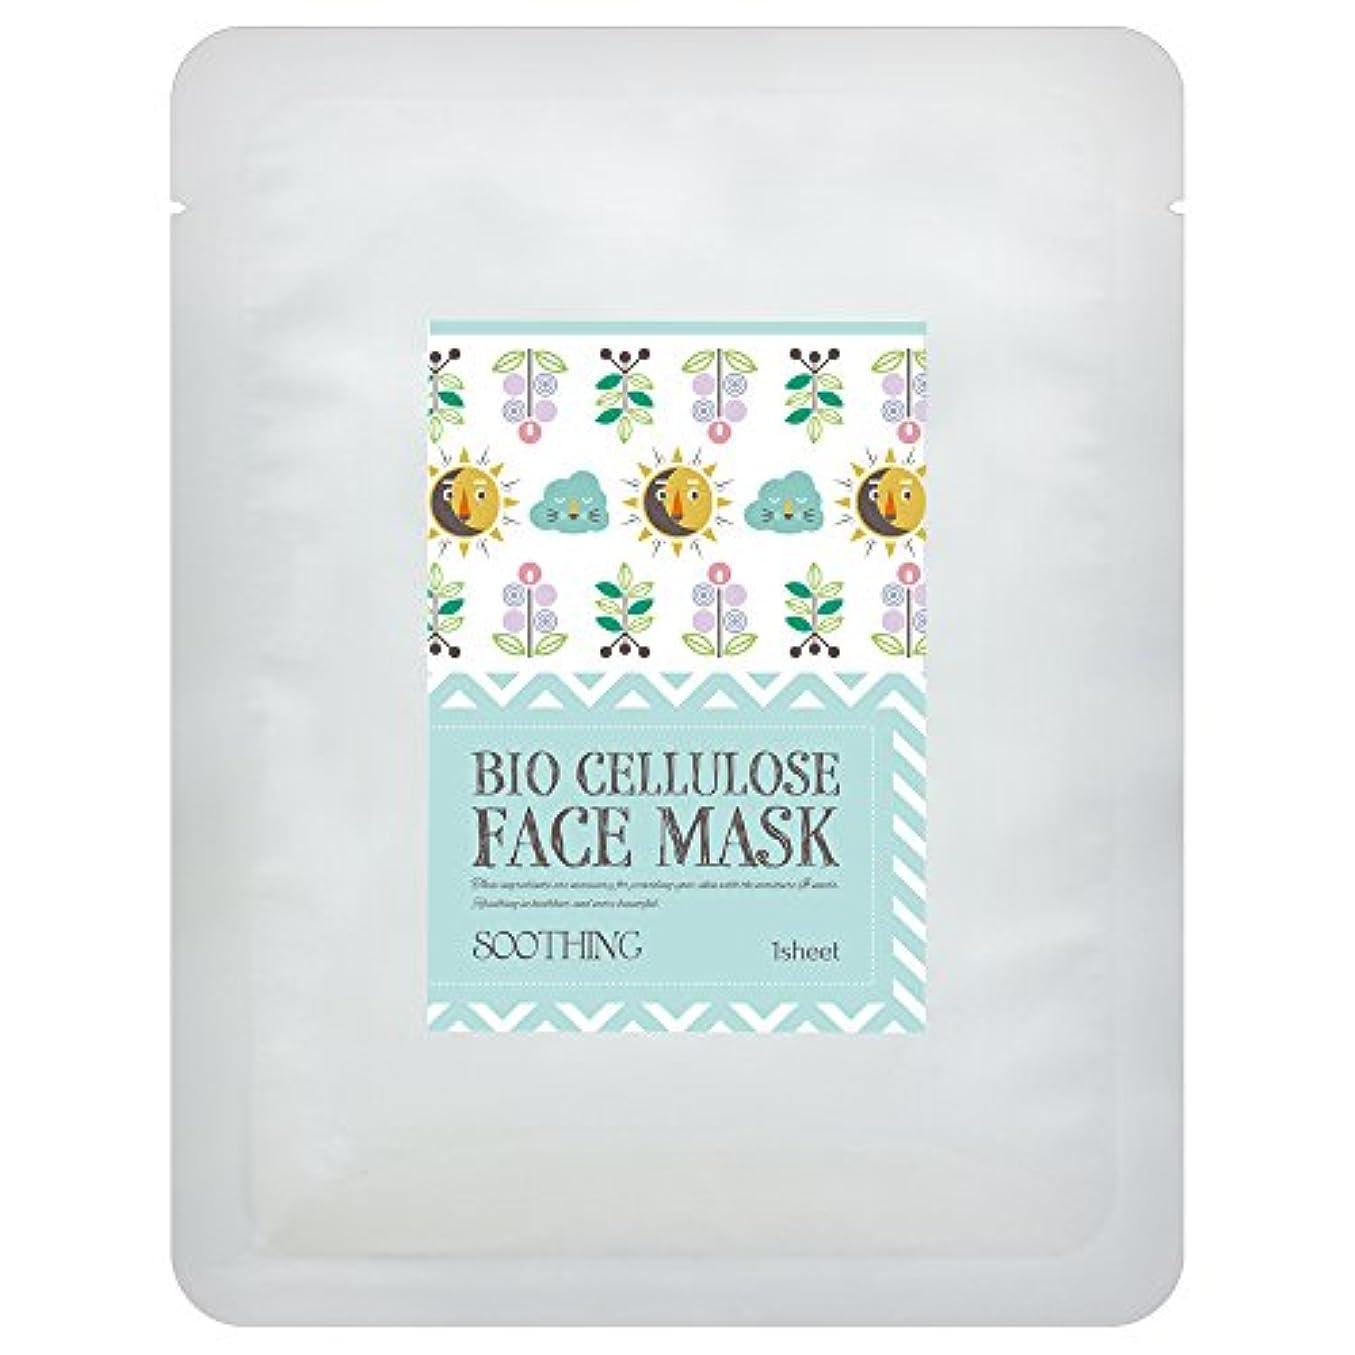 慎重に大理石バトル日本製バイオセルロース フェイスマスク SOOTHING(引き締め) 1枚